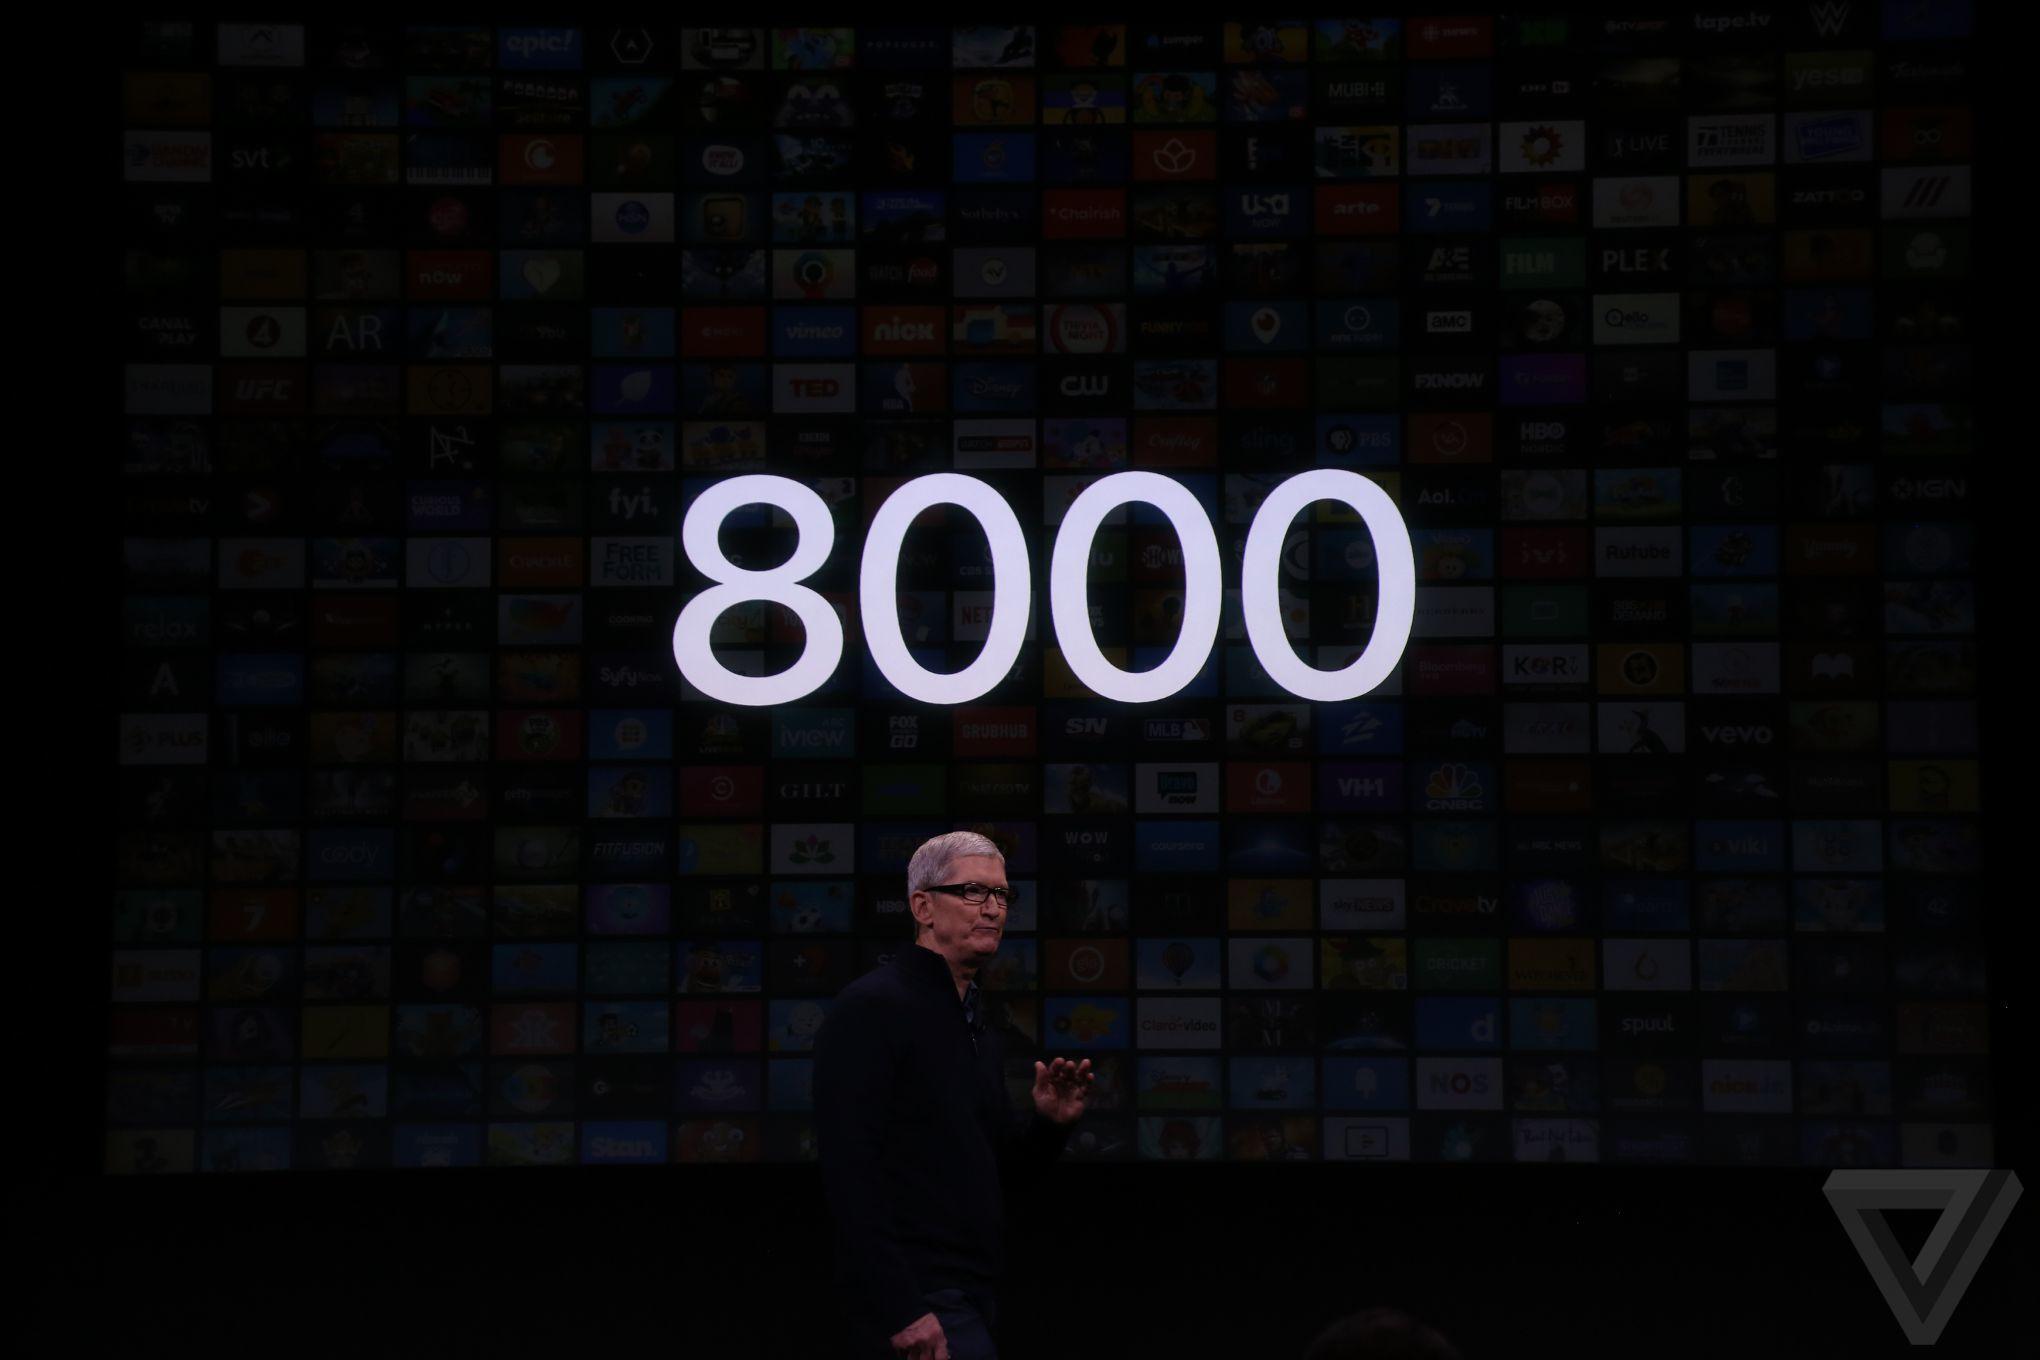 apple-macbook-event-20161027-7531